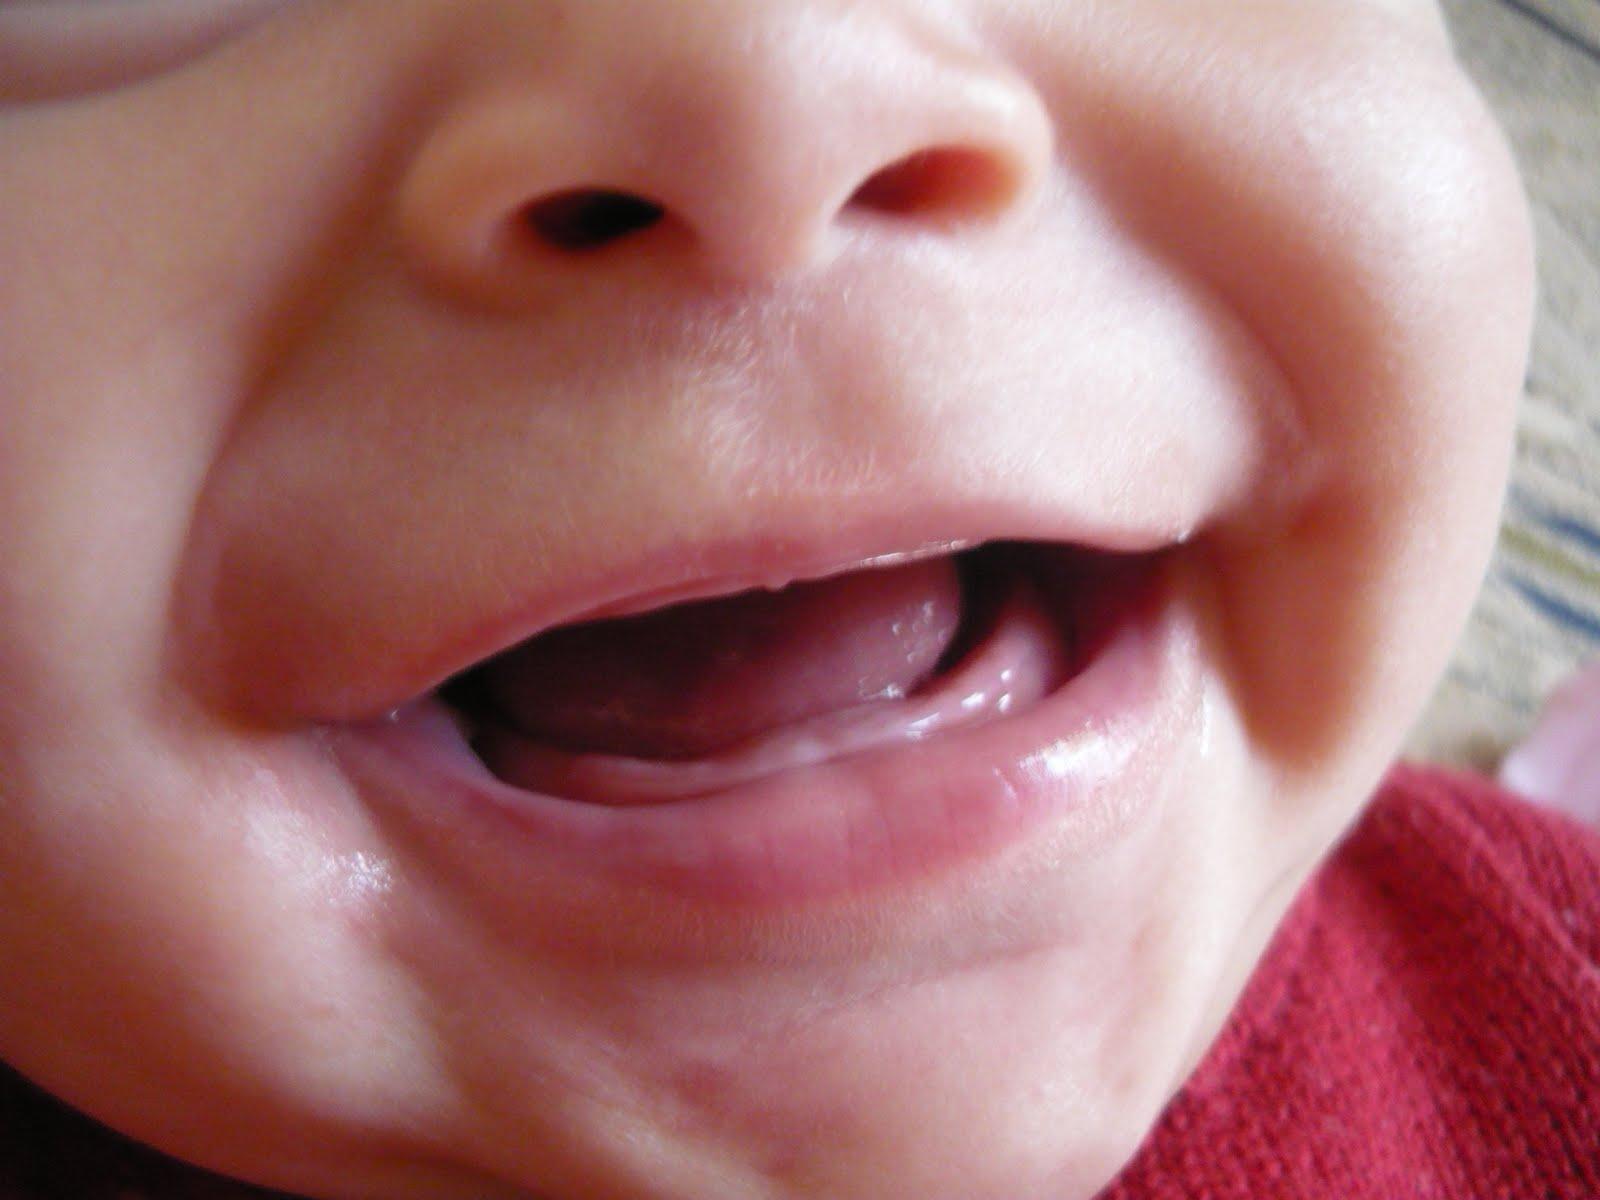 gengiva-bebe-inchada